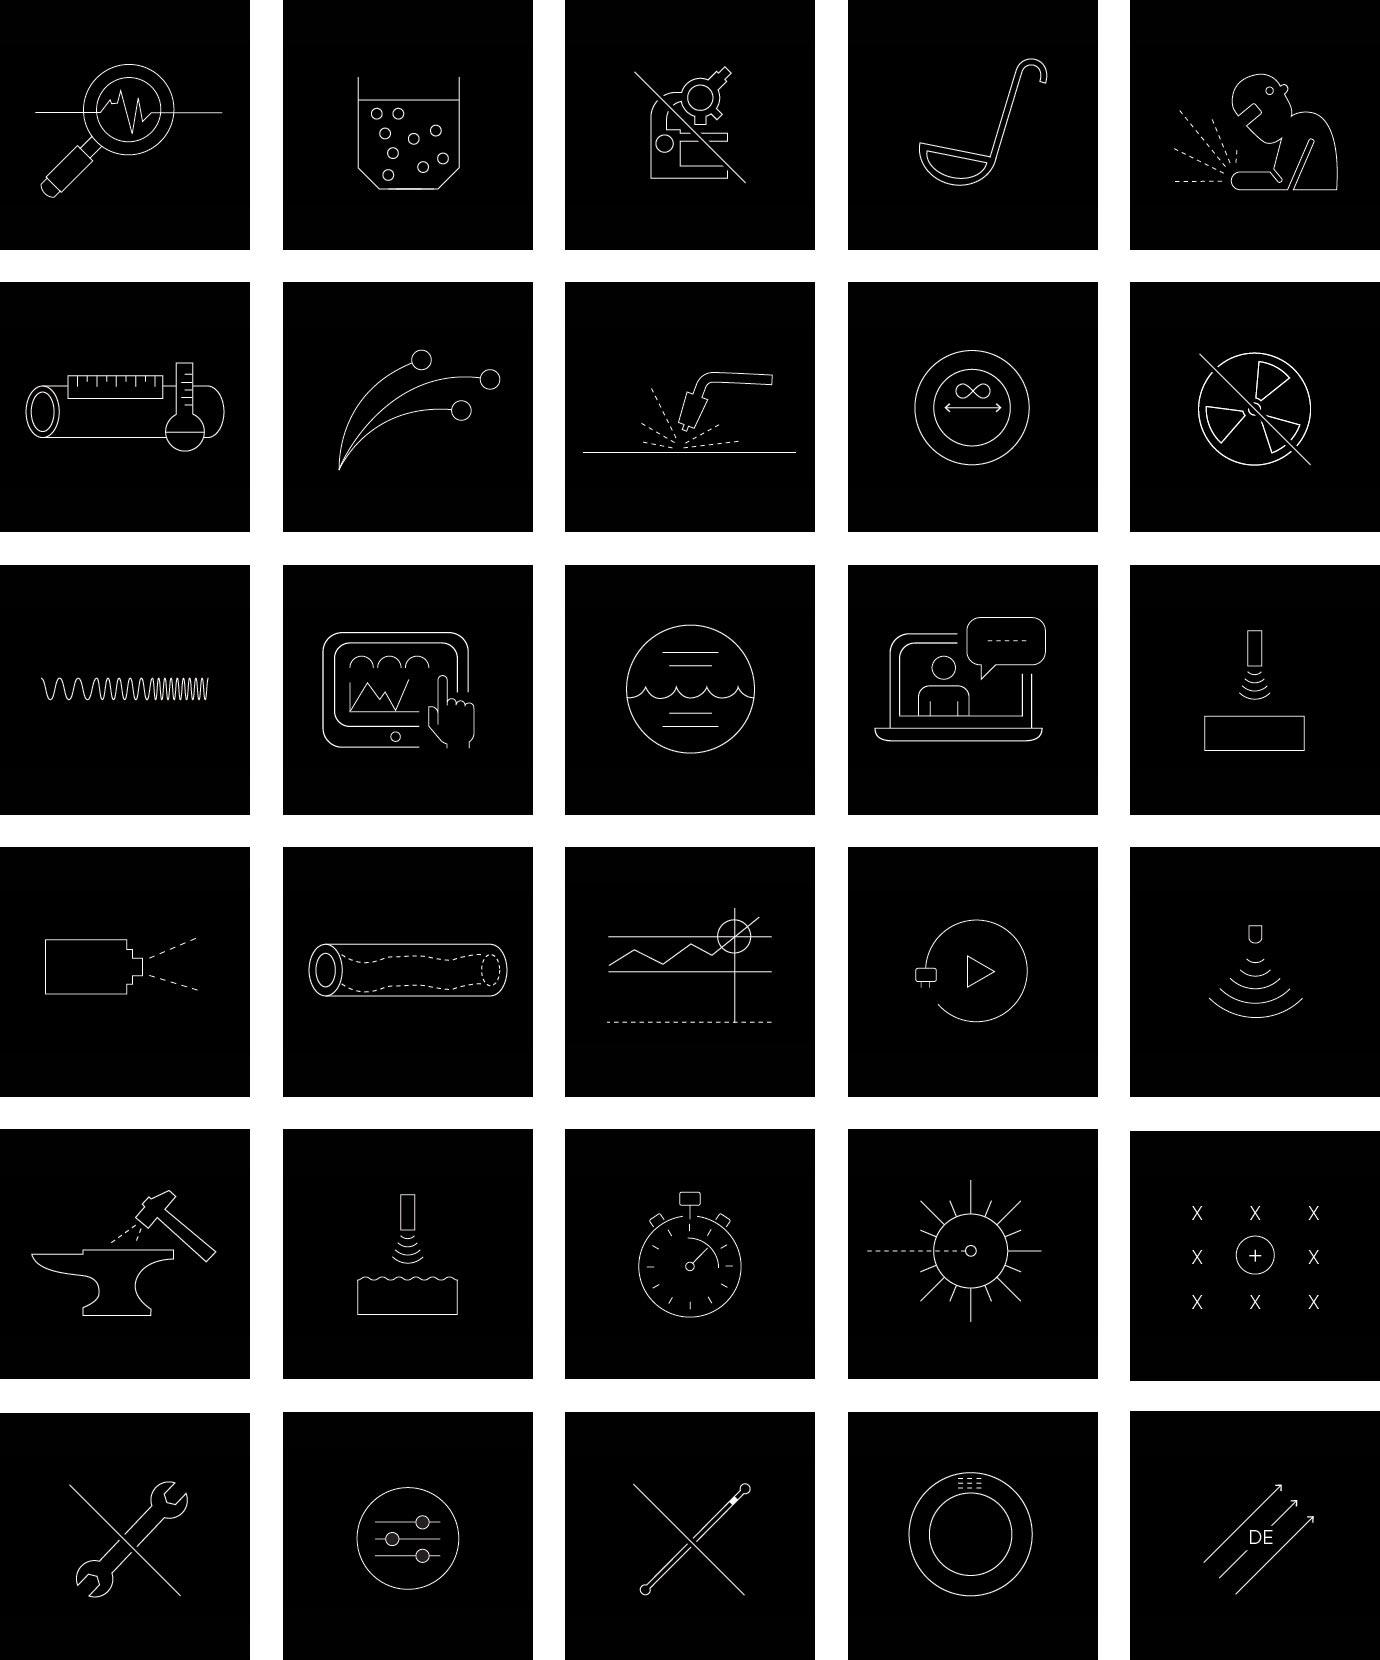 Identité, collection d'icônes pour Tecnar